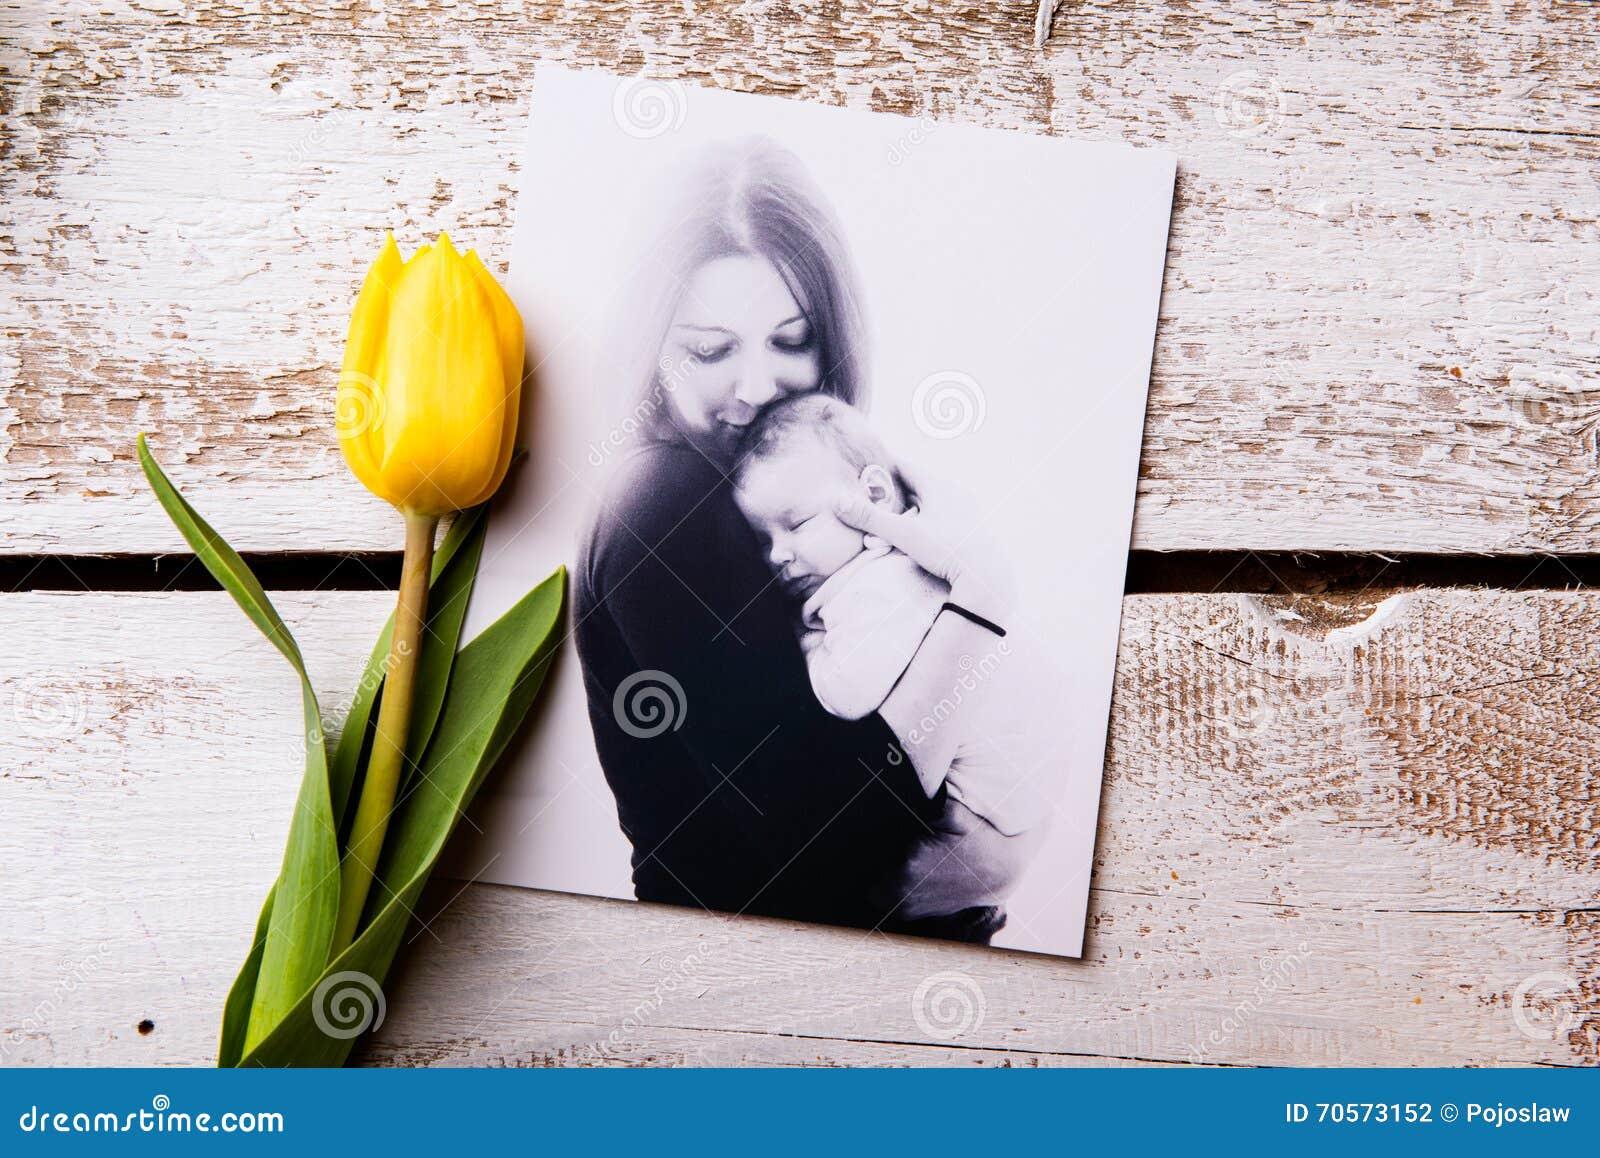 Matka dnia skład Czarno biały obrazka i koloru żółtego tuli